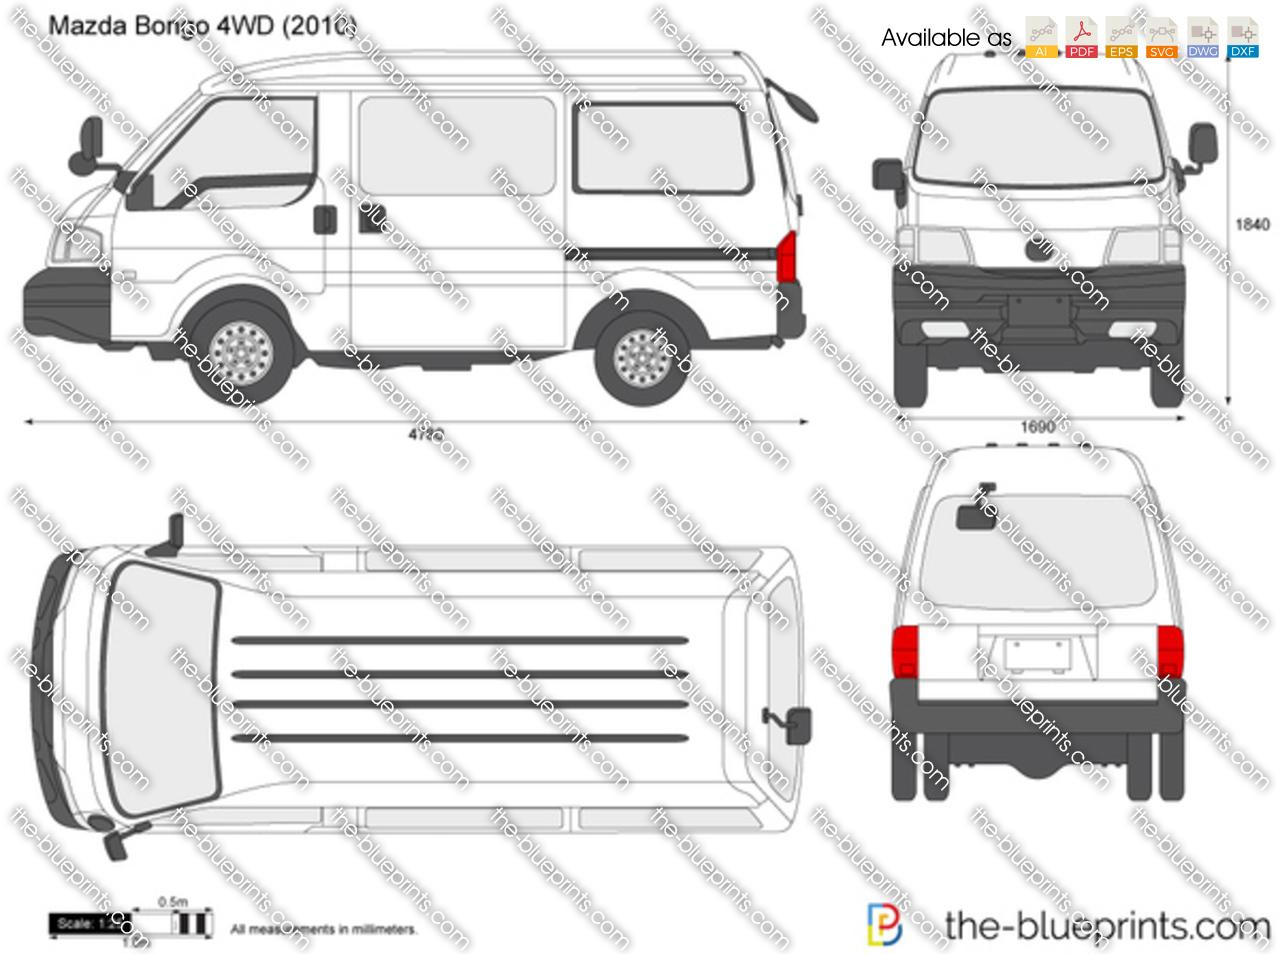 Mazda Bongo 4WD 2005